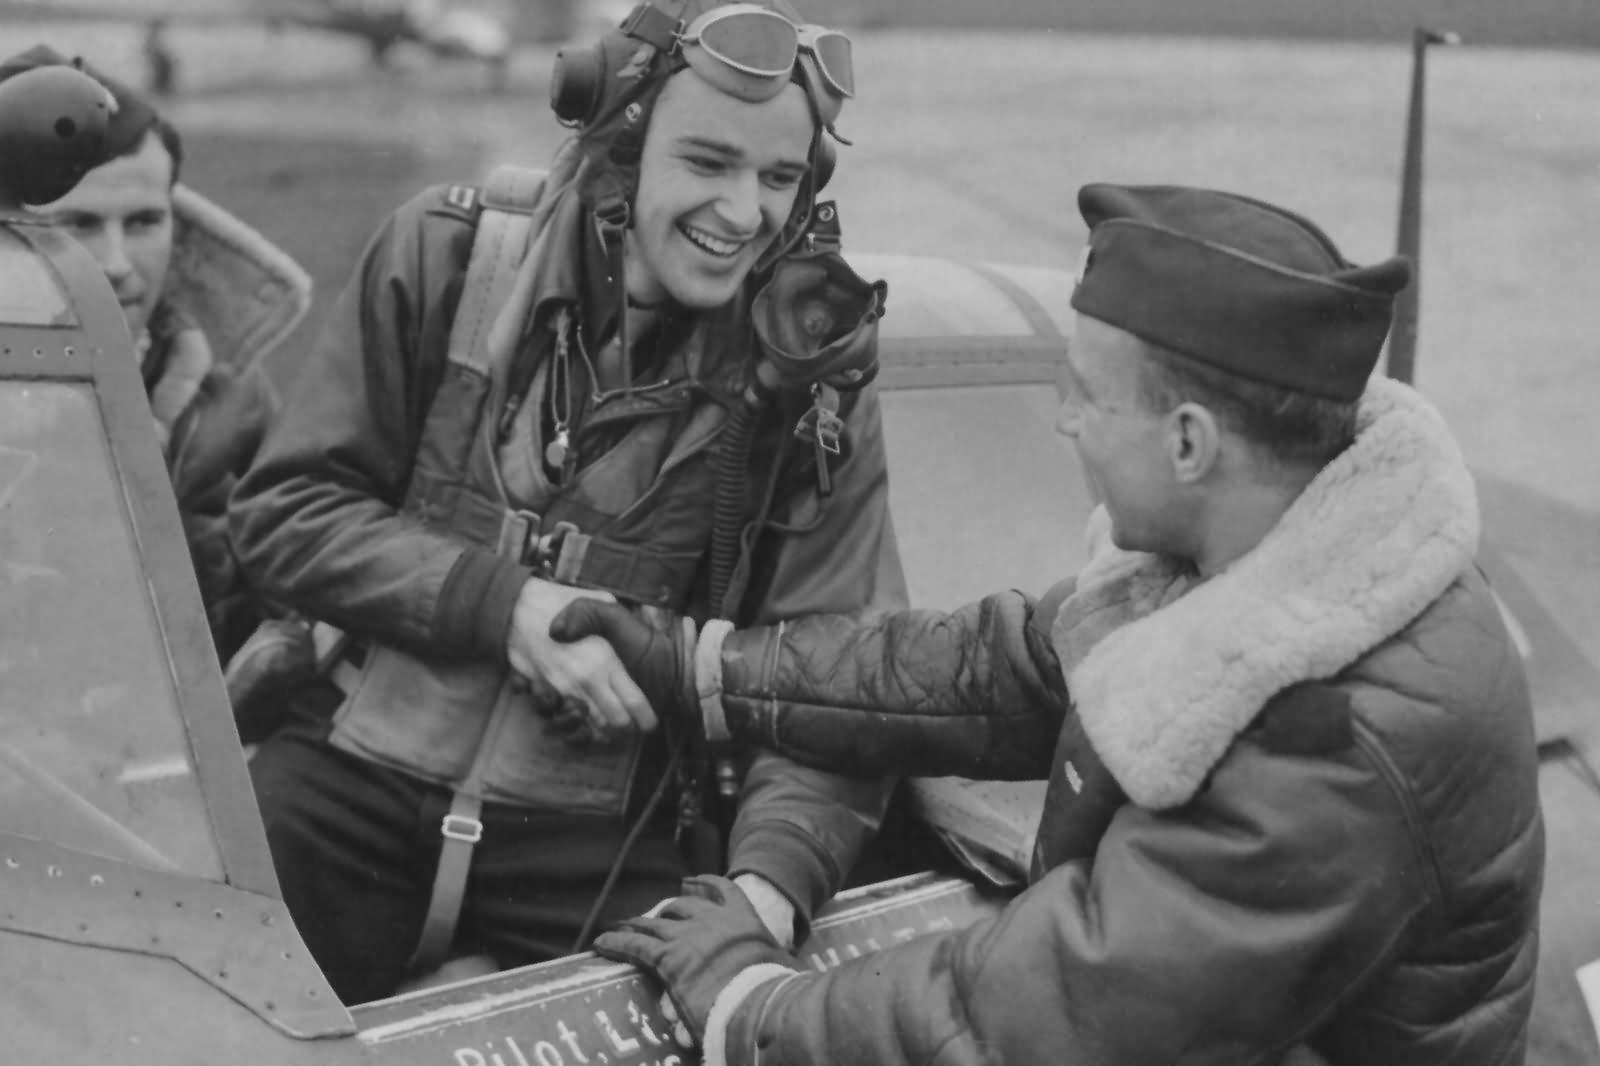 Ace_Capt_Bud_Mahurin_56th_FG_in_P-47D_Thunderbolt_1944.jpg